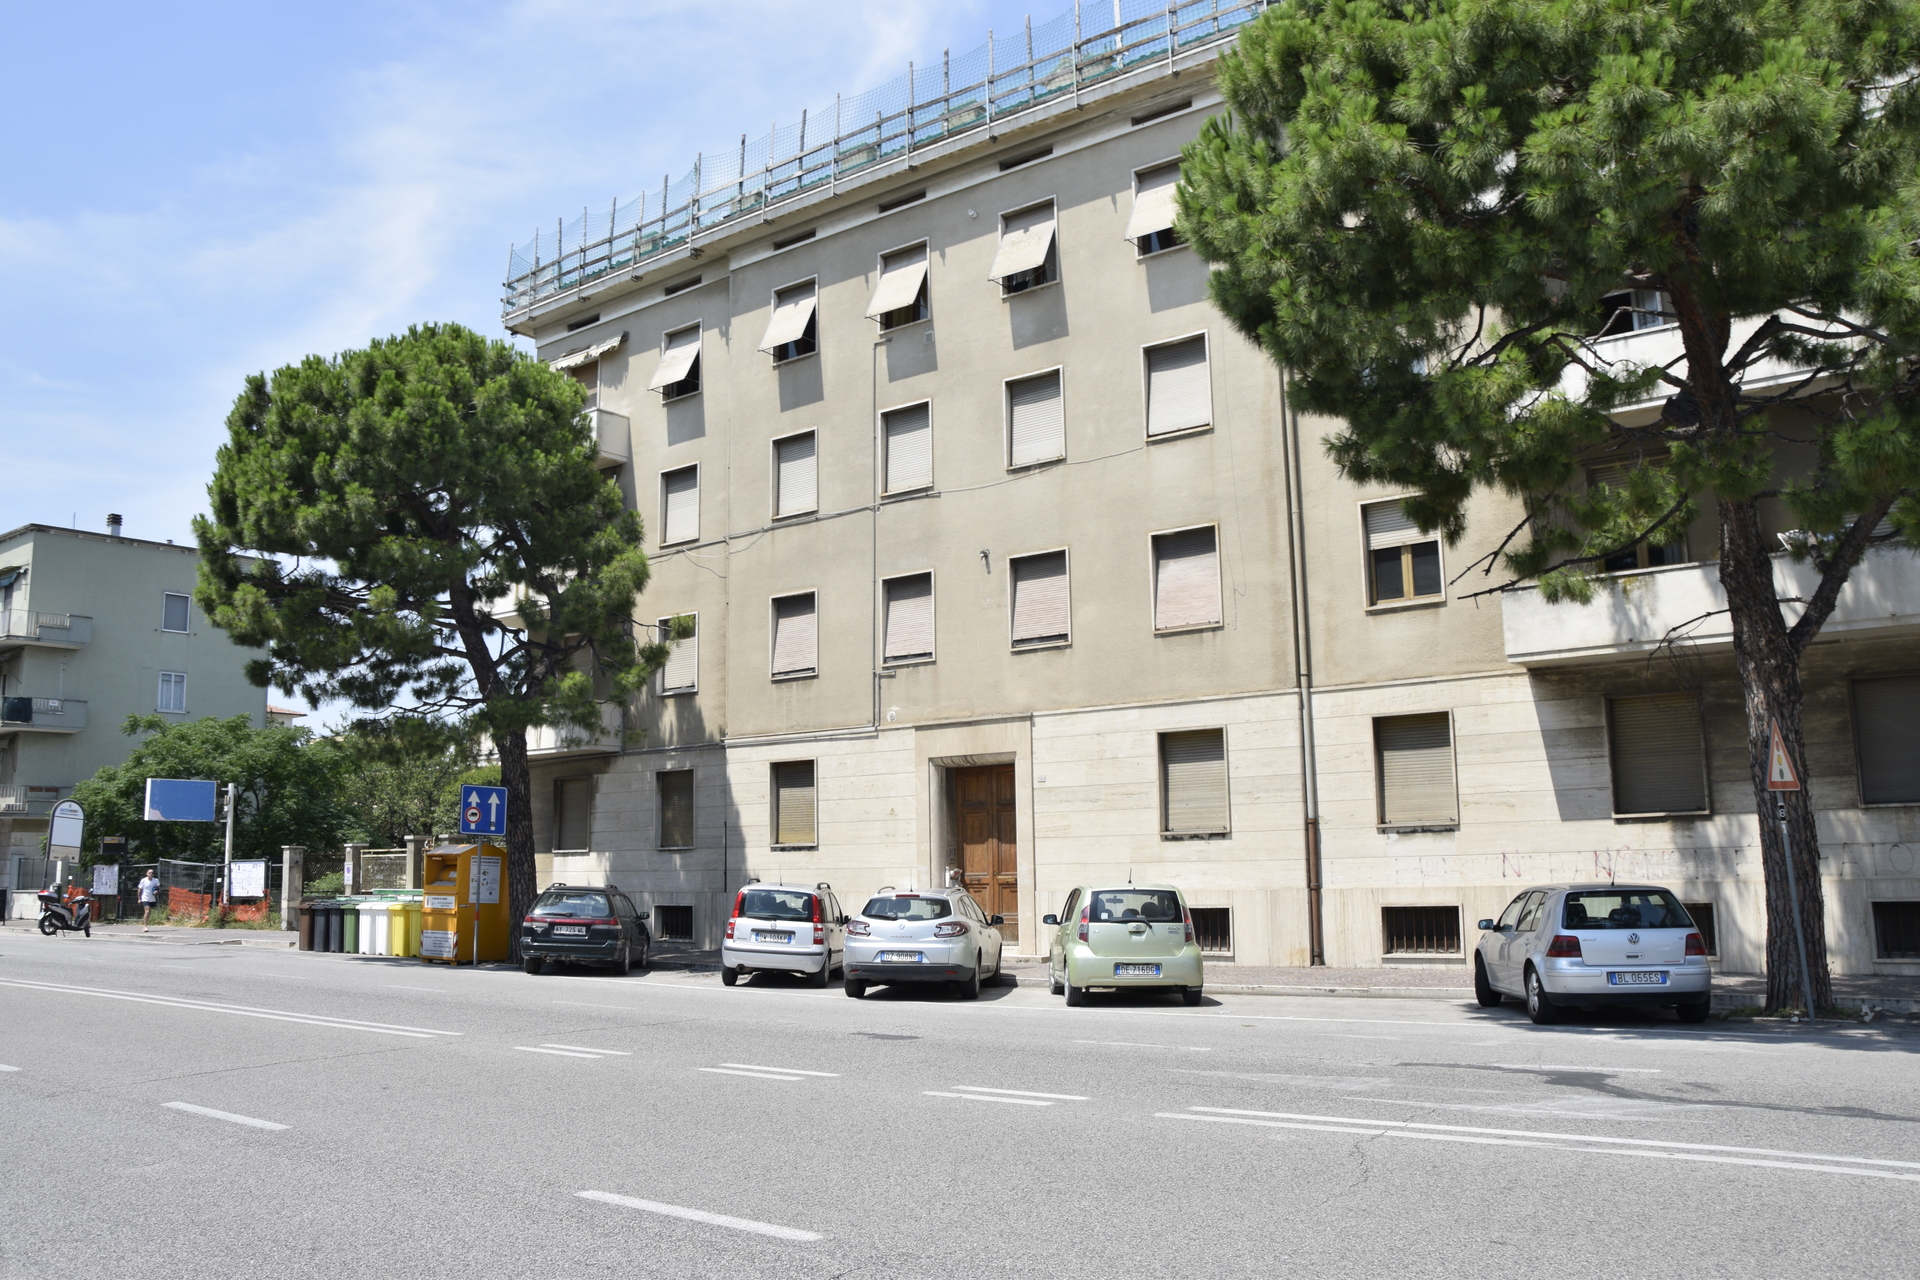 Agenzie Immobiliari Trento Città appartamento in vendita in zona viale trento a fermo